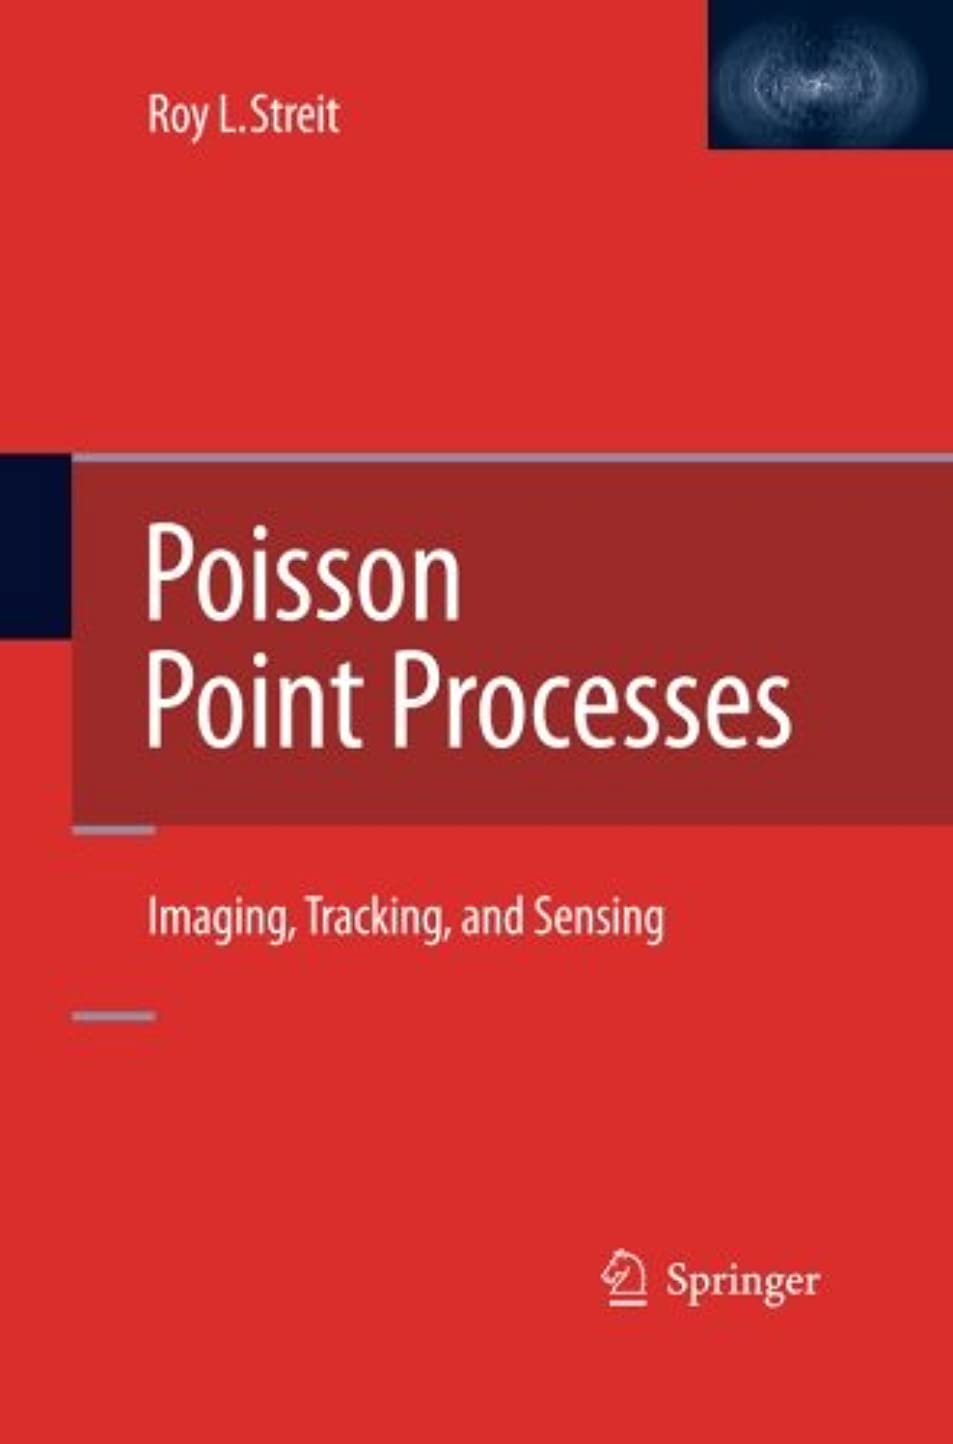 ペインティング膜ボクシングPoisson Point Processes: Imaging, Tracking, and Sensing